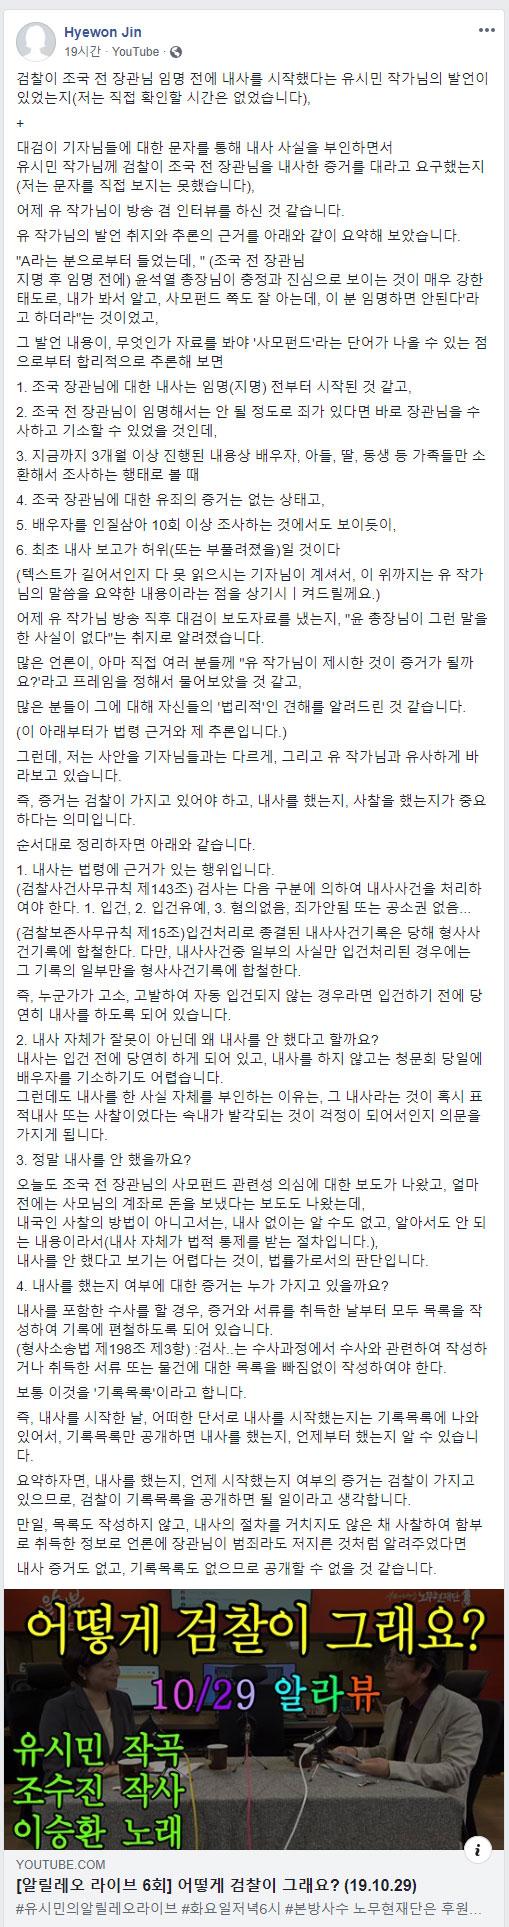 진혜원 검사의 페이스북 글 전문